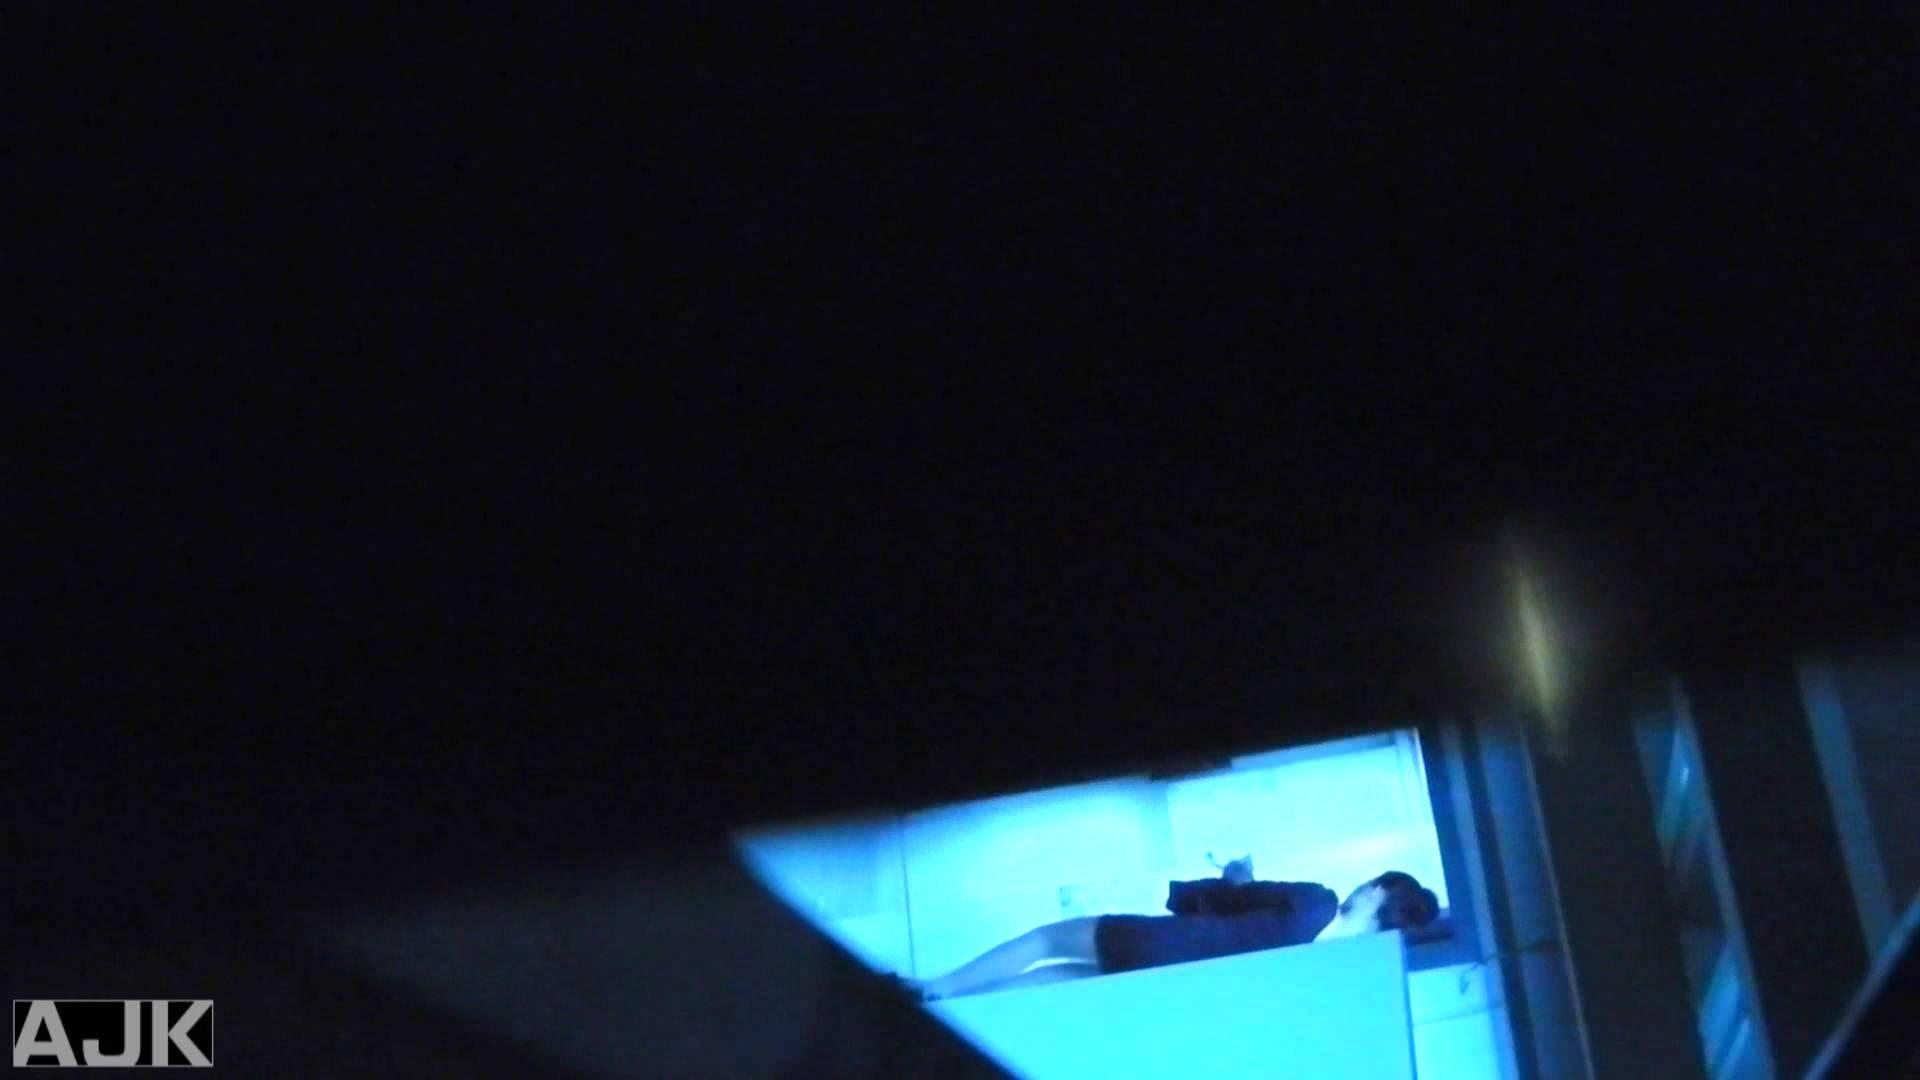 神降臨!史上最強の潜入かわや! vol.22 潜入 覗きおまんこ画像 98連発 66